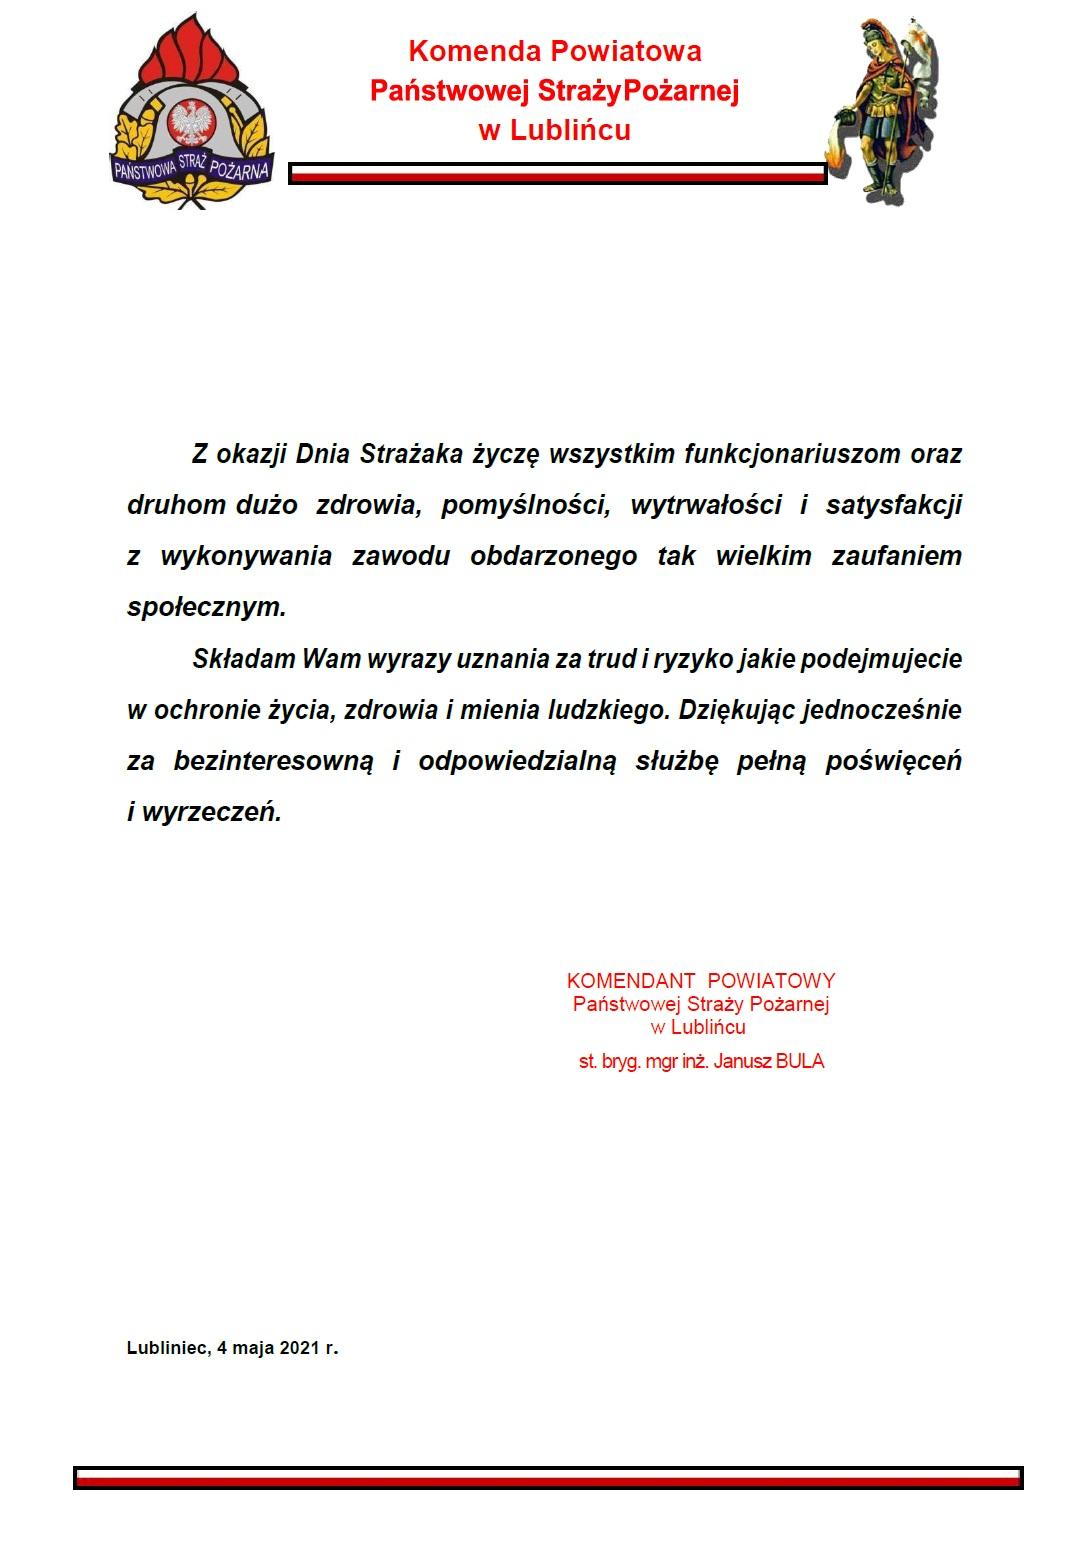 życzenie KP PSP w Lublińcu